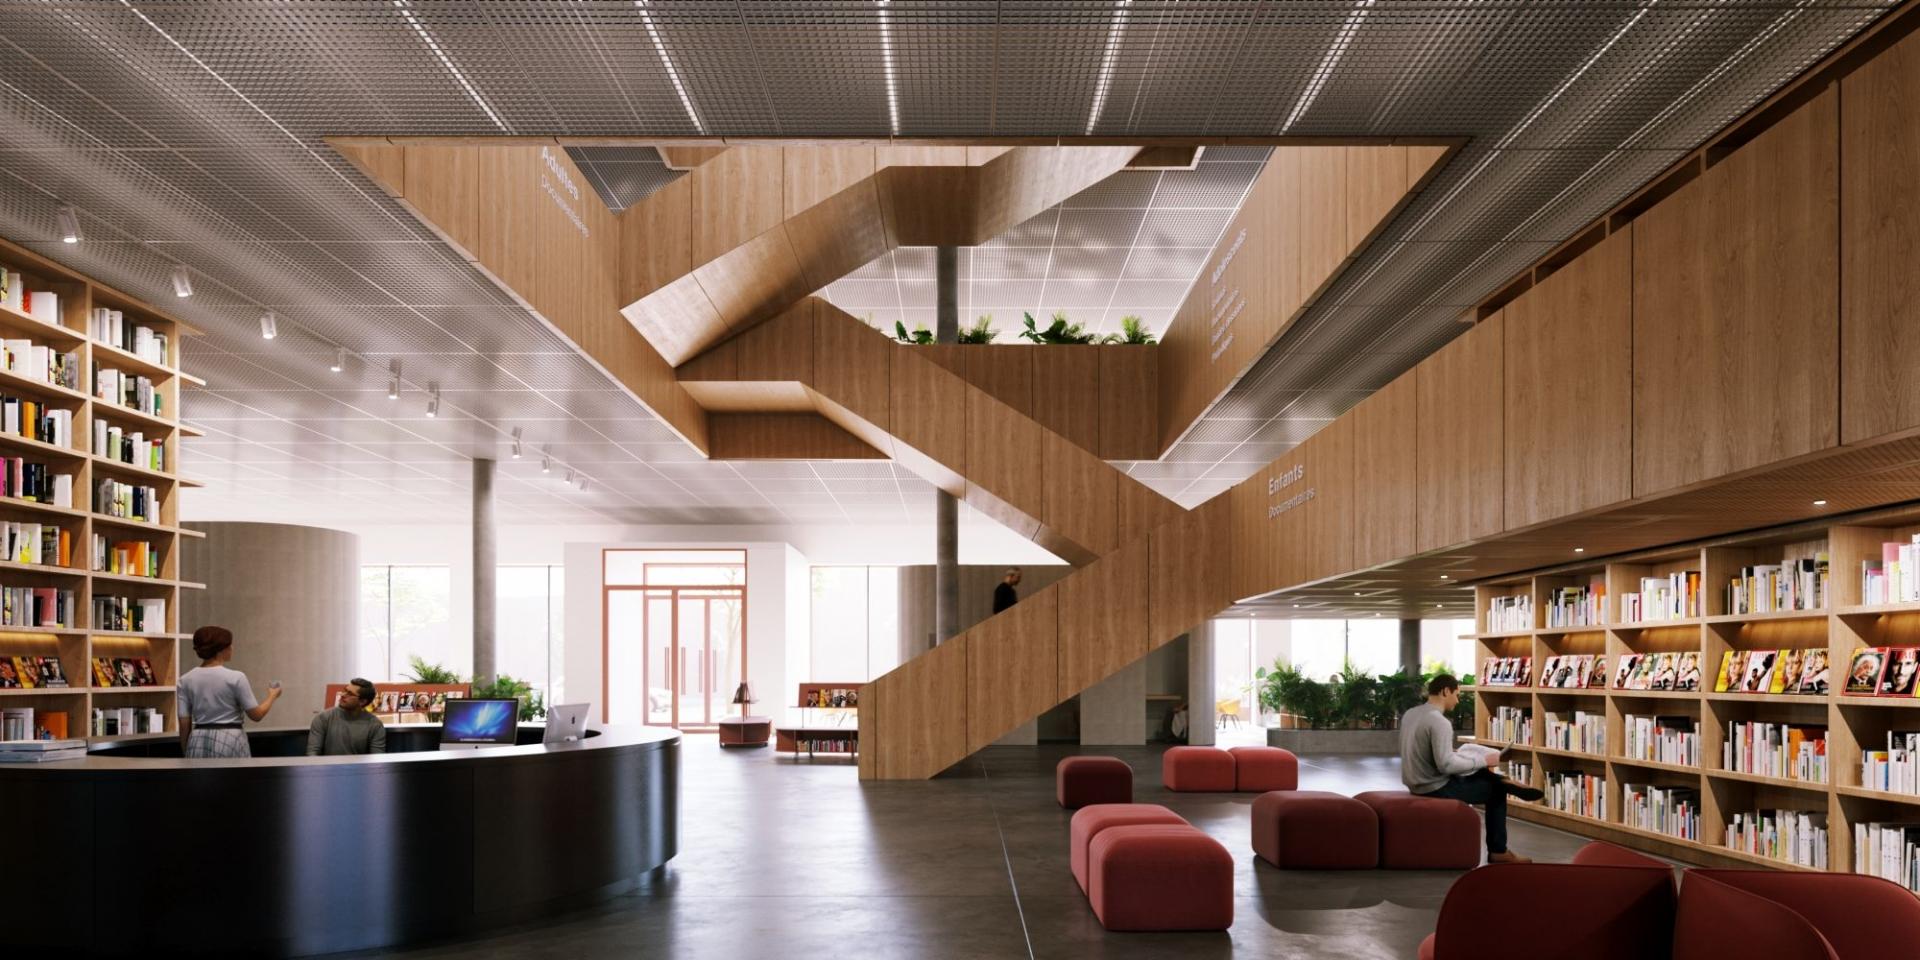 Concours d'architecture pluridisciplinaire – Place des pionniers <br>2021<br>